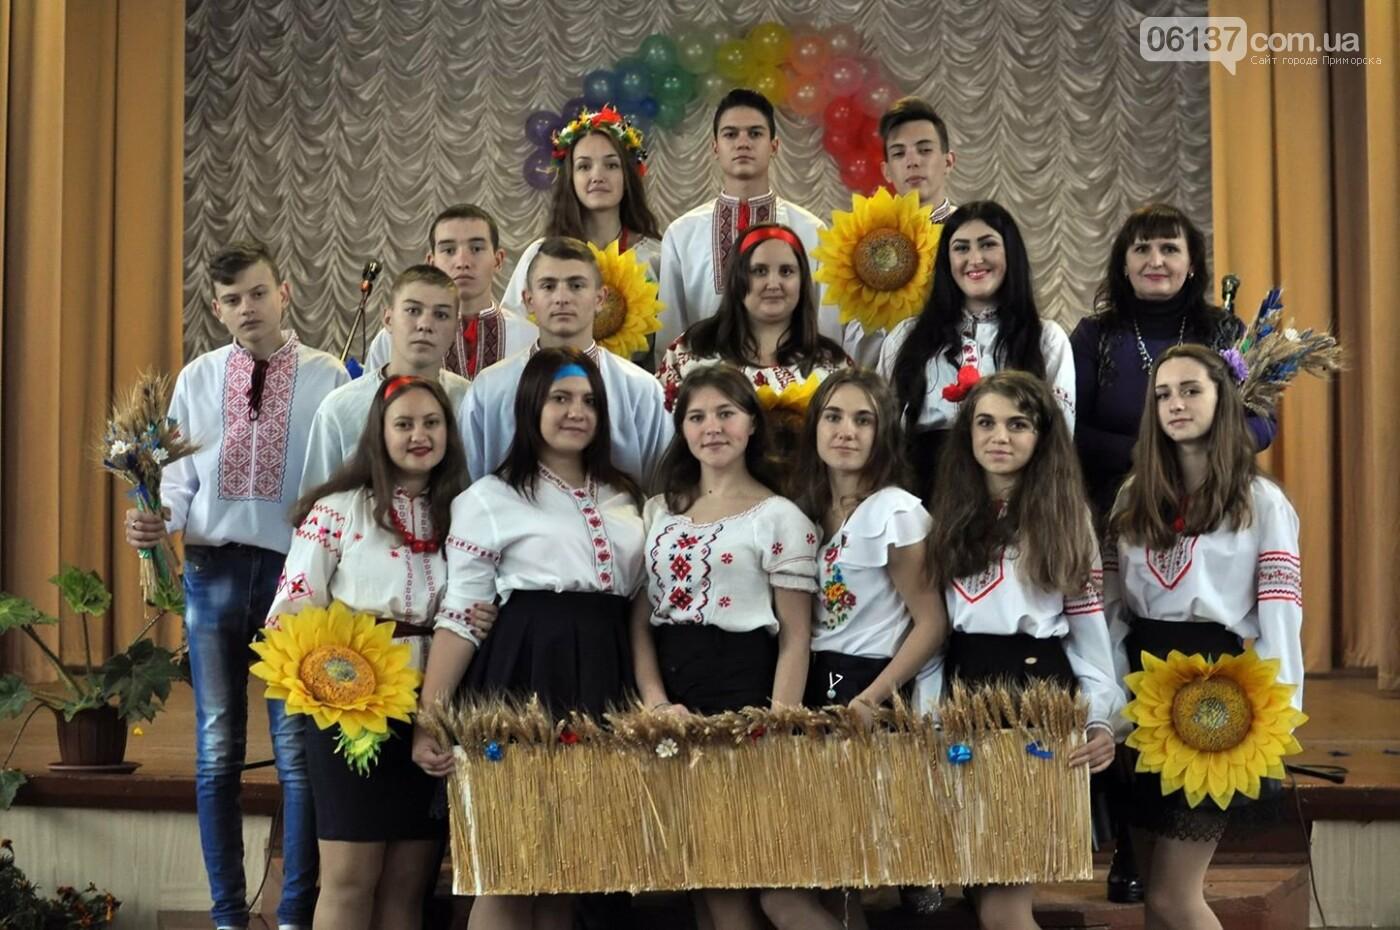 Приморці у вишиванках - кліп від закладу культури Приморської ОТГ, фото-3